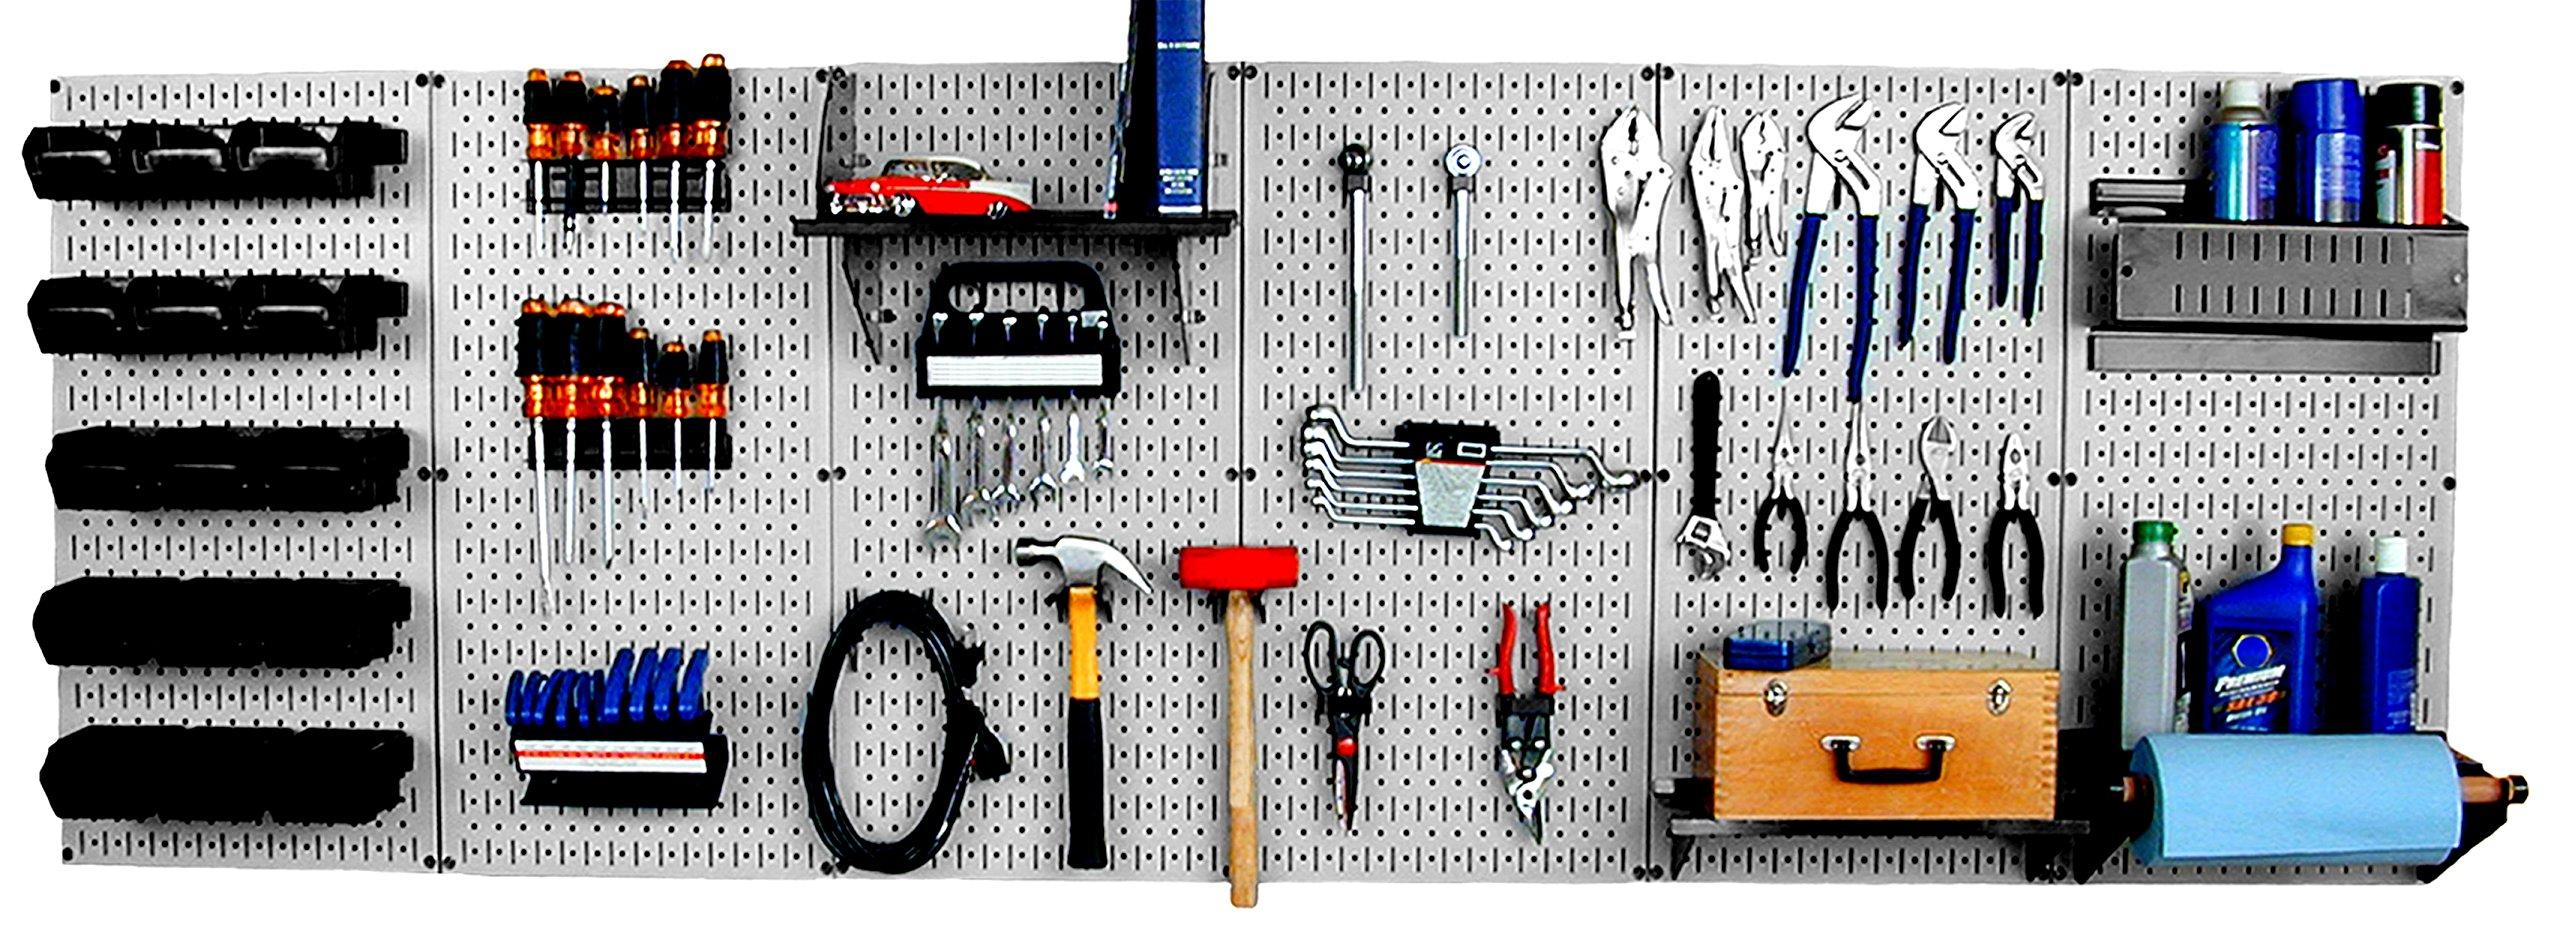 Wall Control 30-WRK-800GB Master Workbench Metal Pegboard Tool Organizer by Wall Control